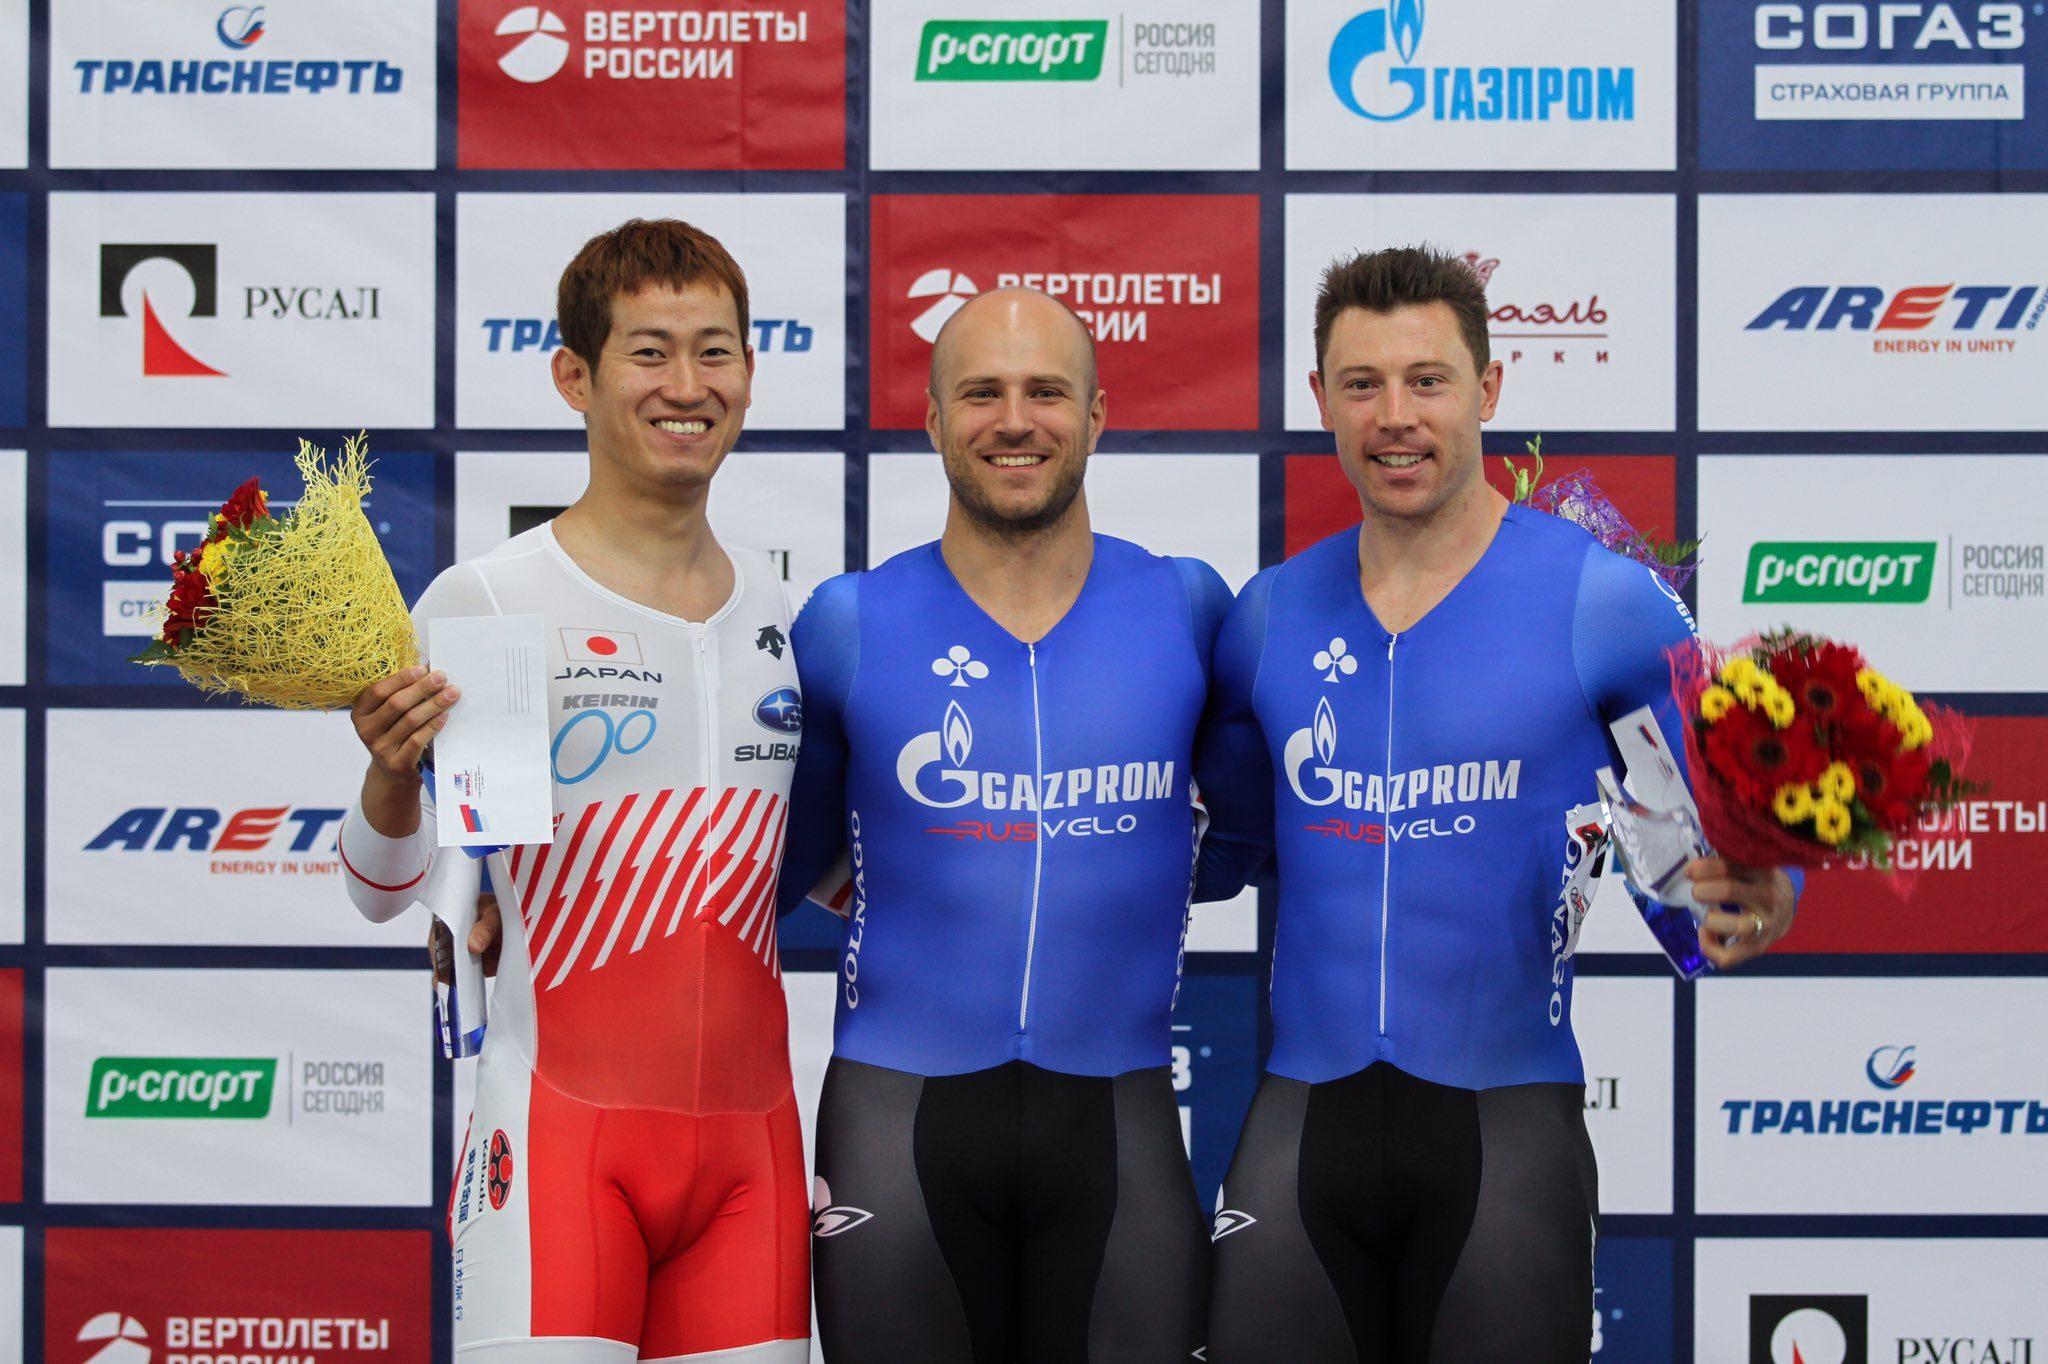 Анастасия Войнова и Денис Дмитриев первенствовали на «Гран-при Москвы»